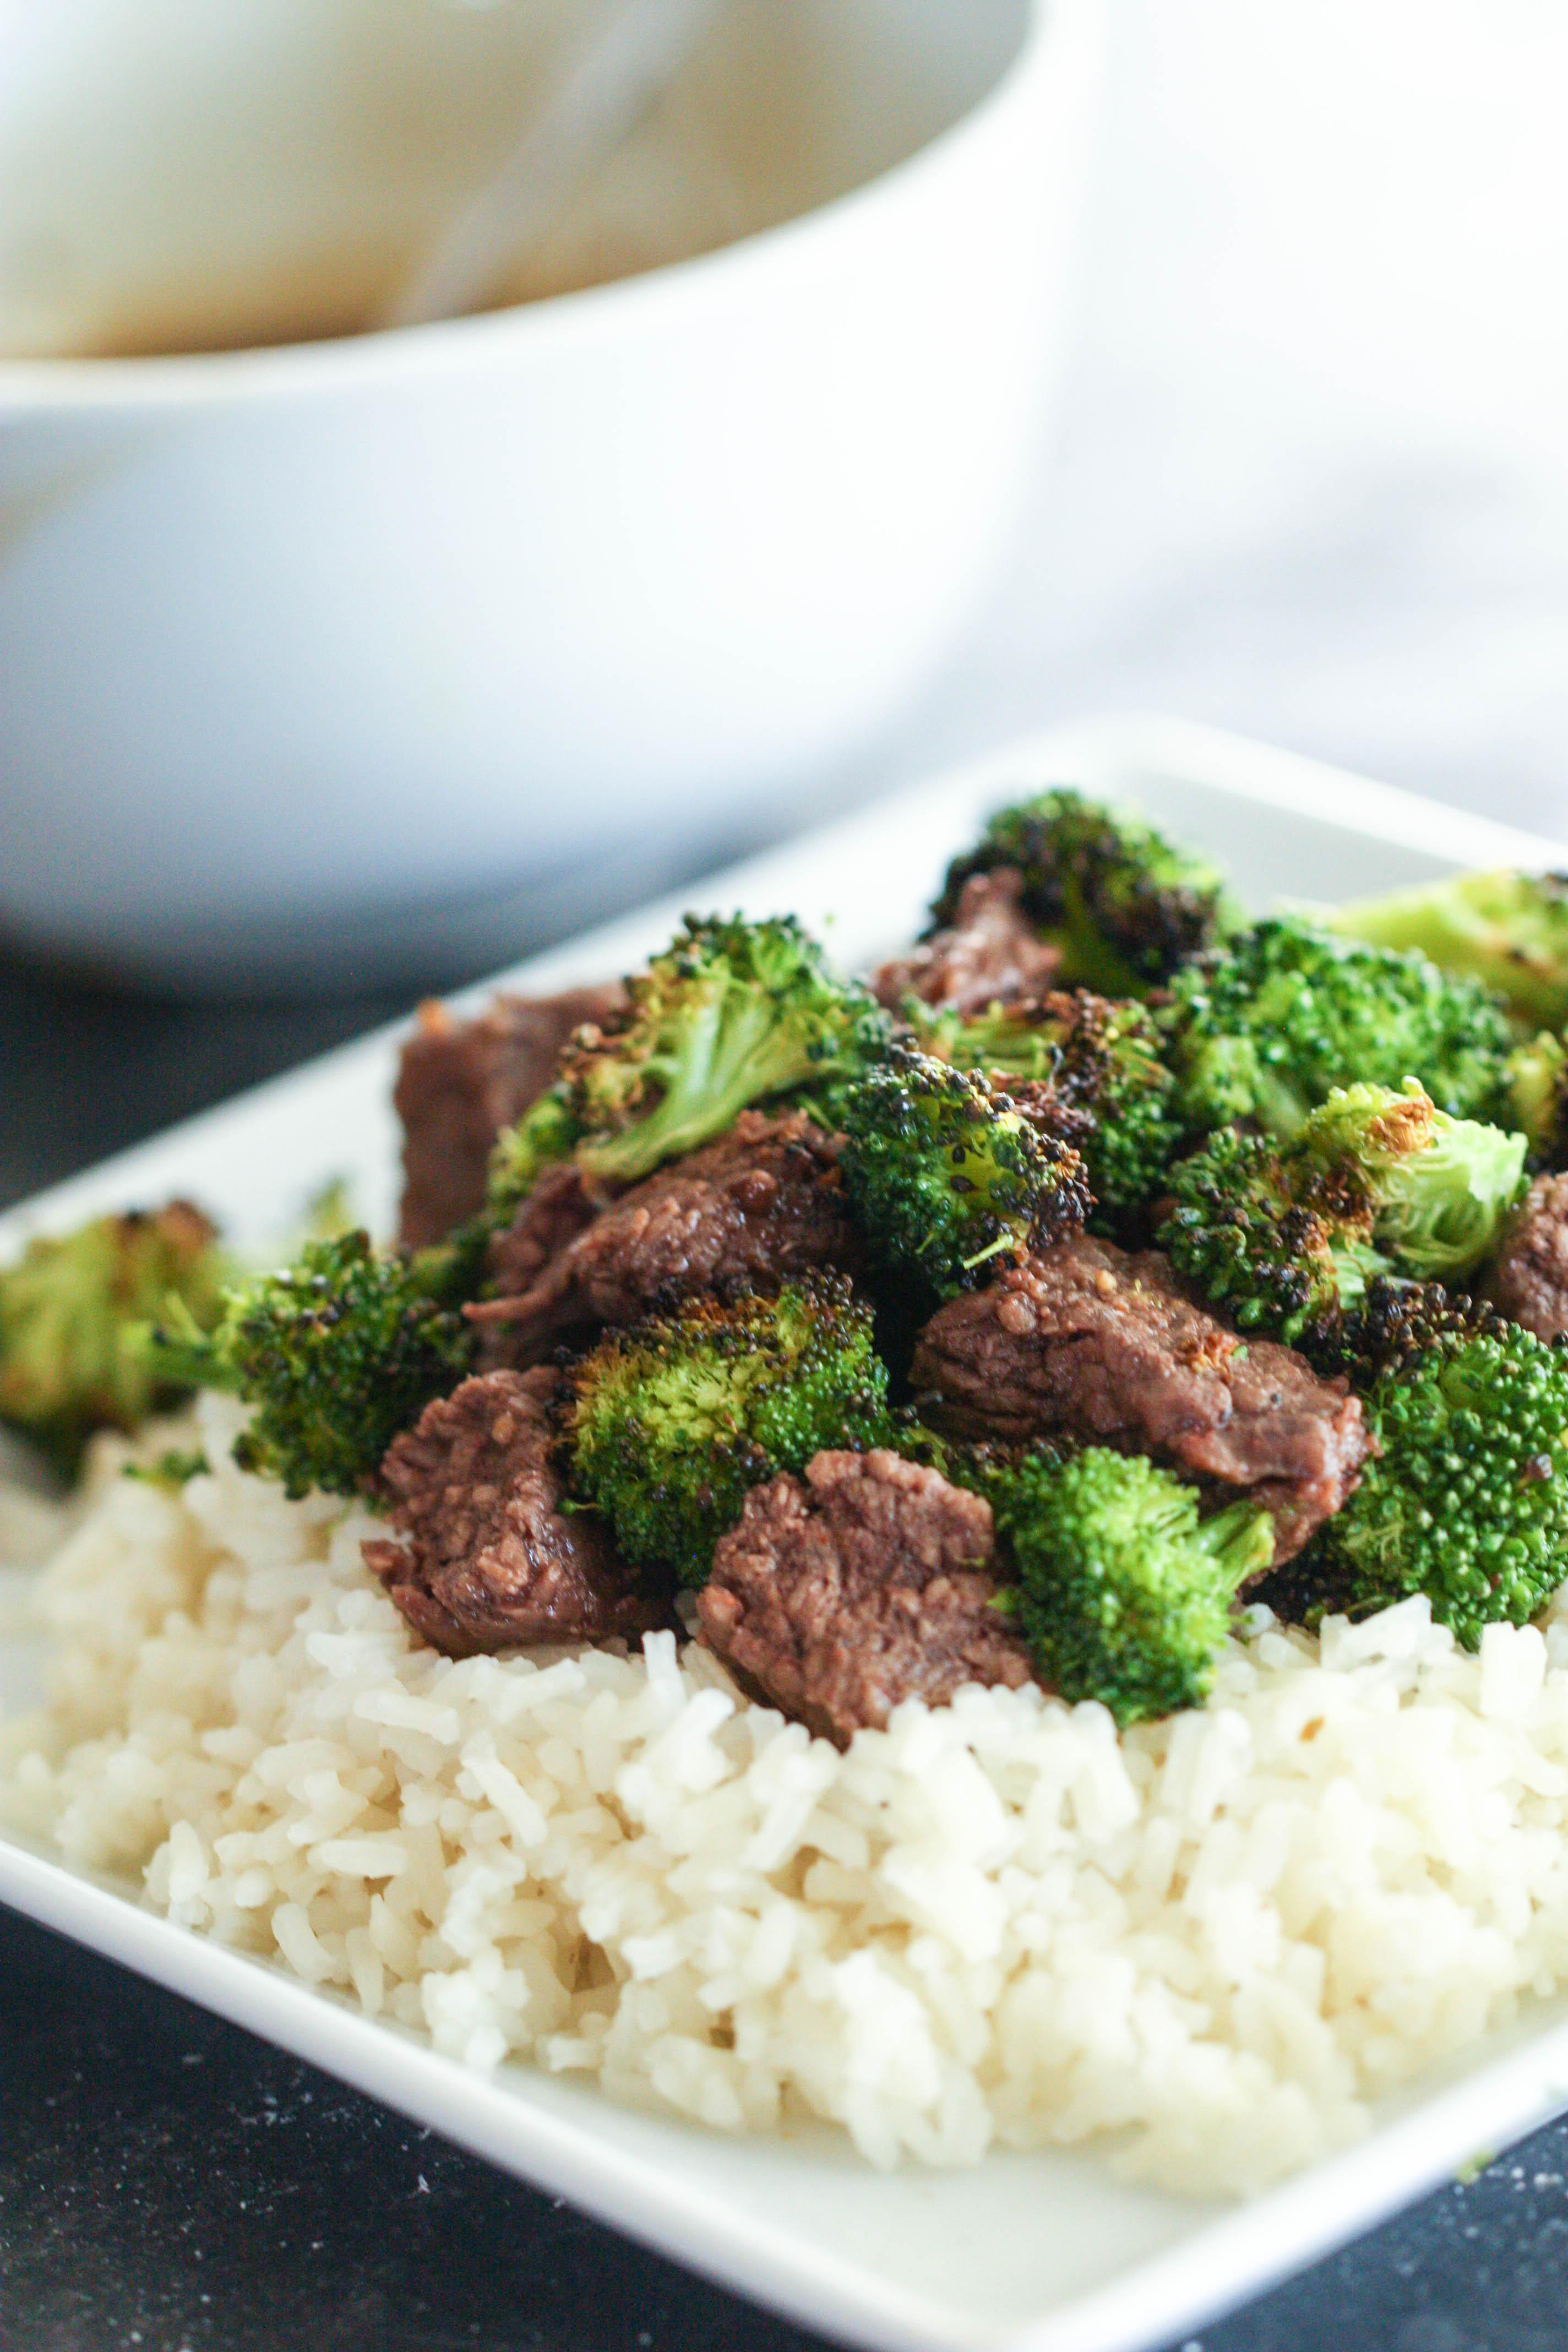 Teriyaki Beef and Broccoli on rice